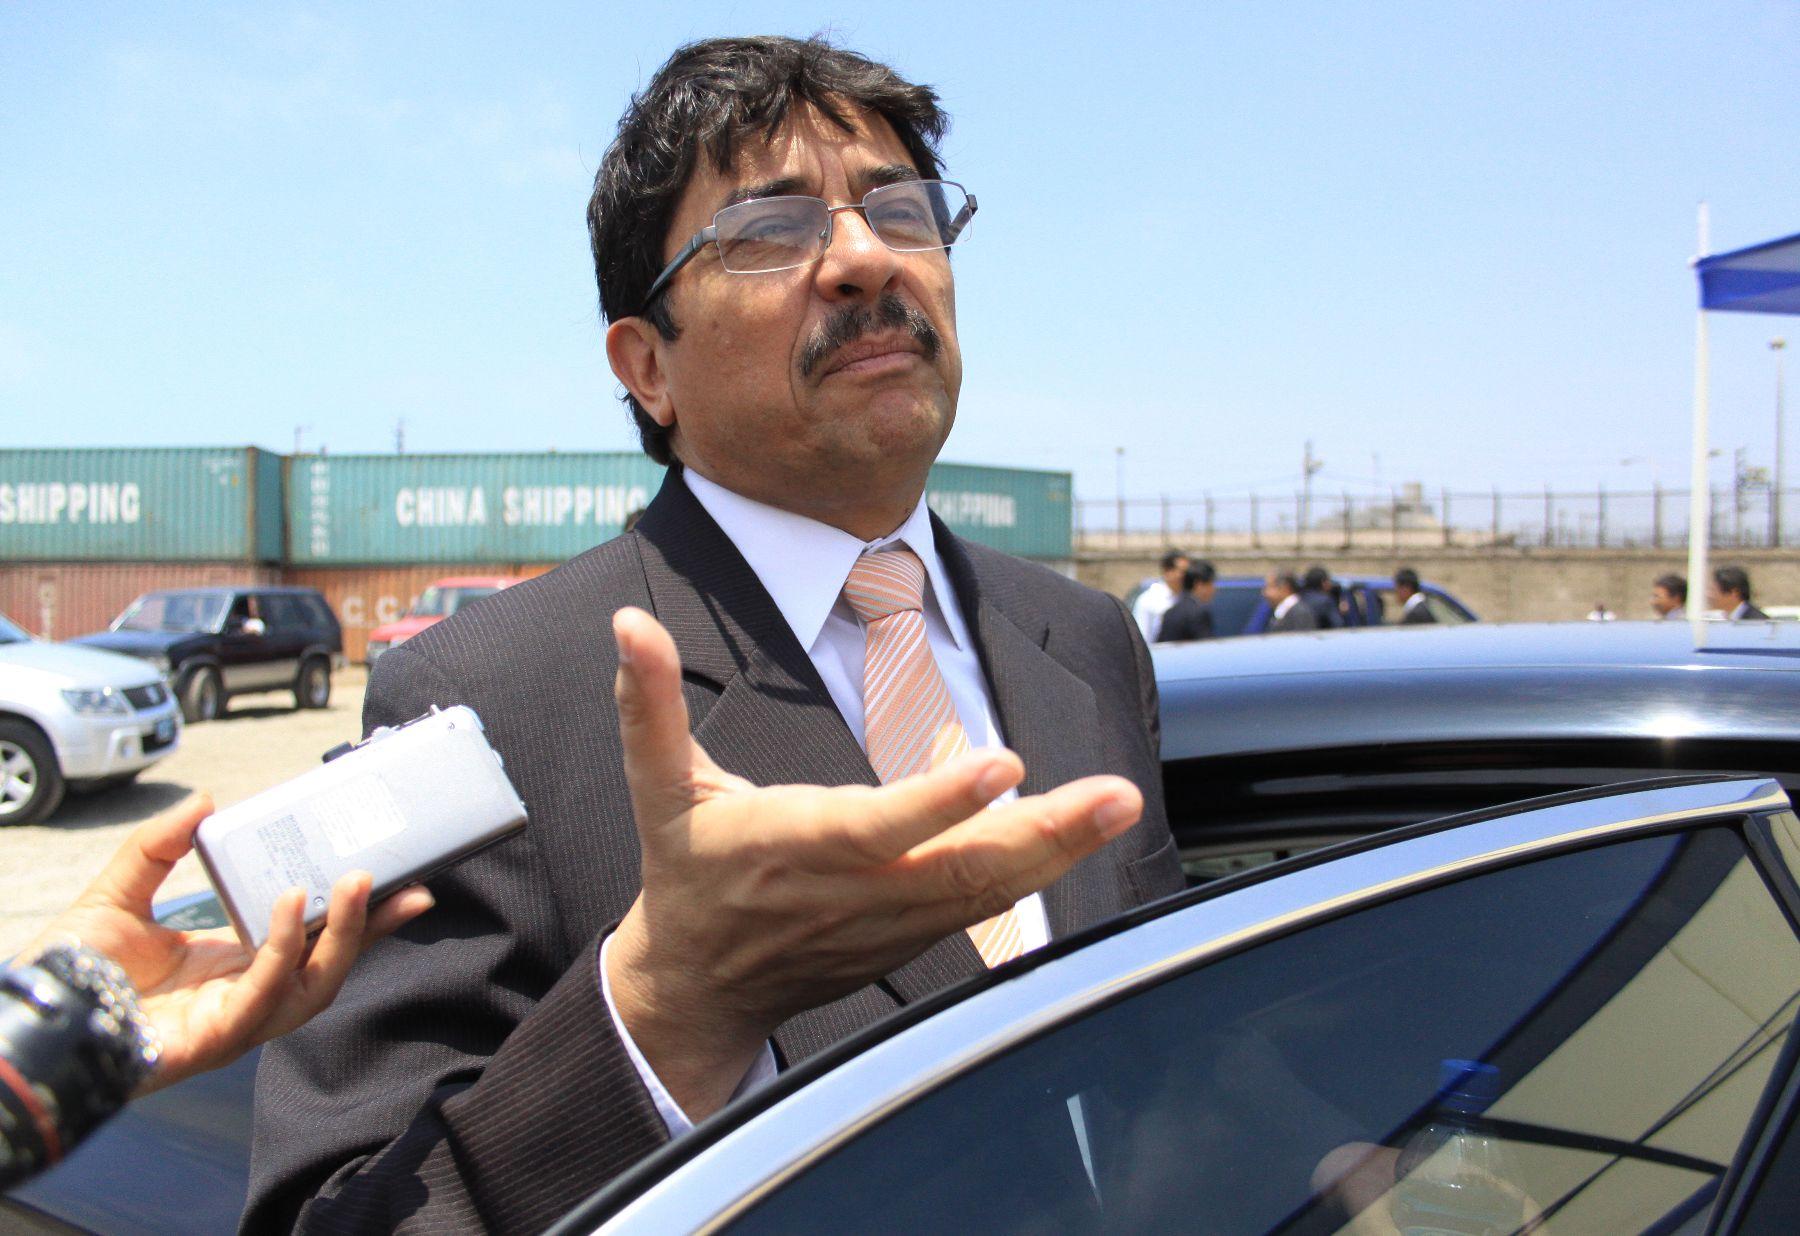 El Ministro de Transportes Enrique Cornejo declara a la prensa.Foto: ANDINA/Jessica Vicente